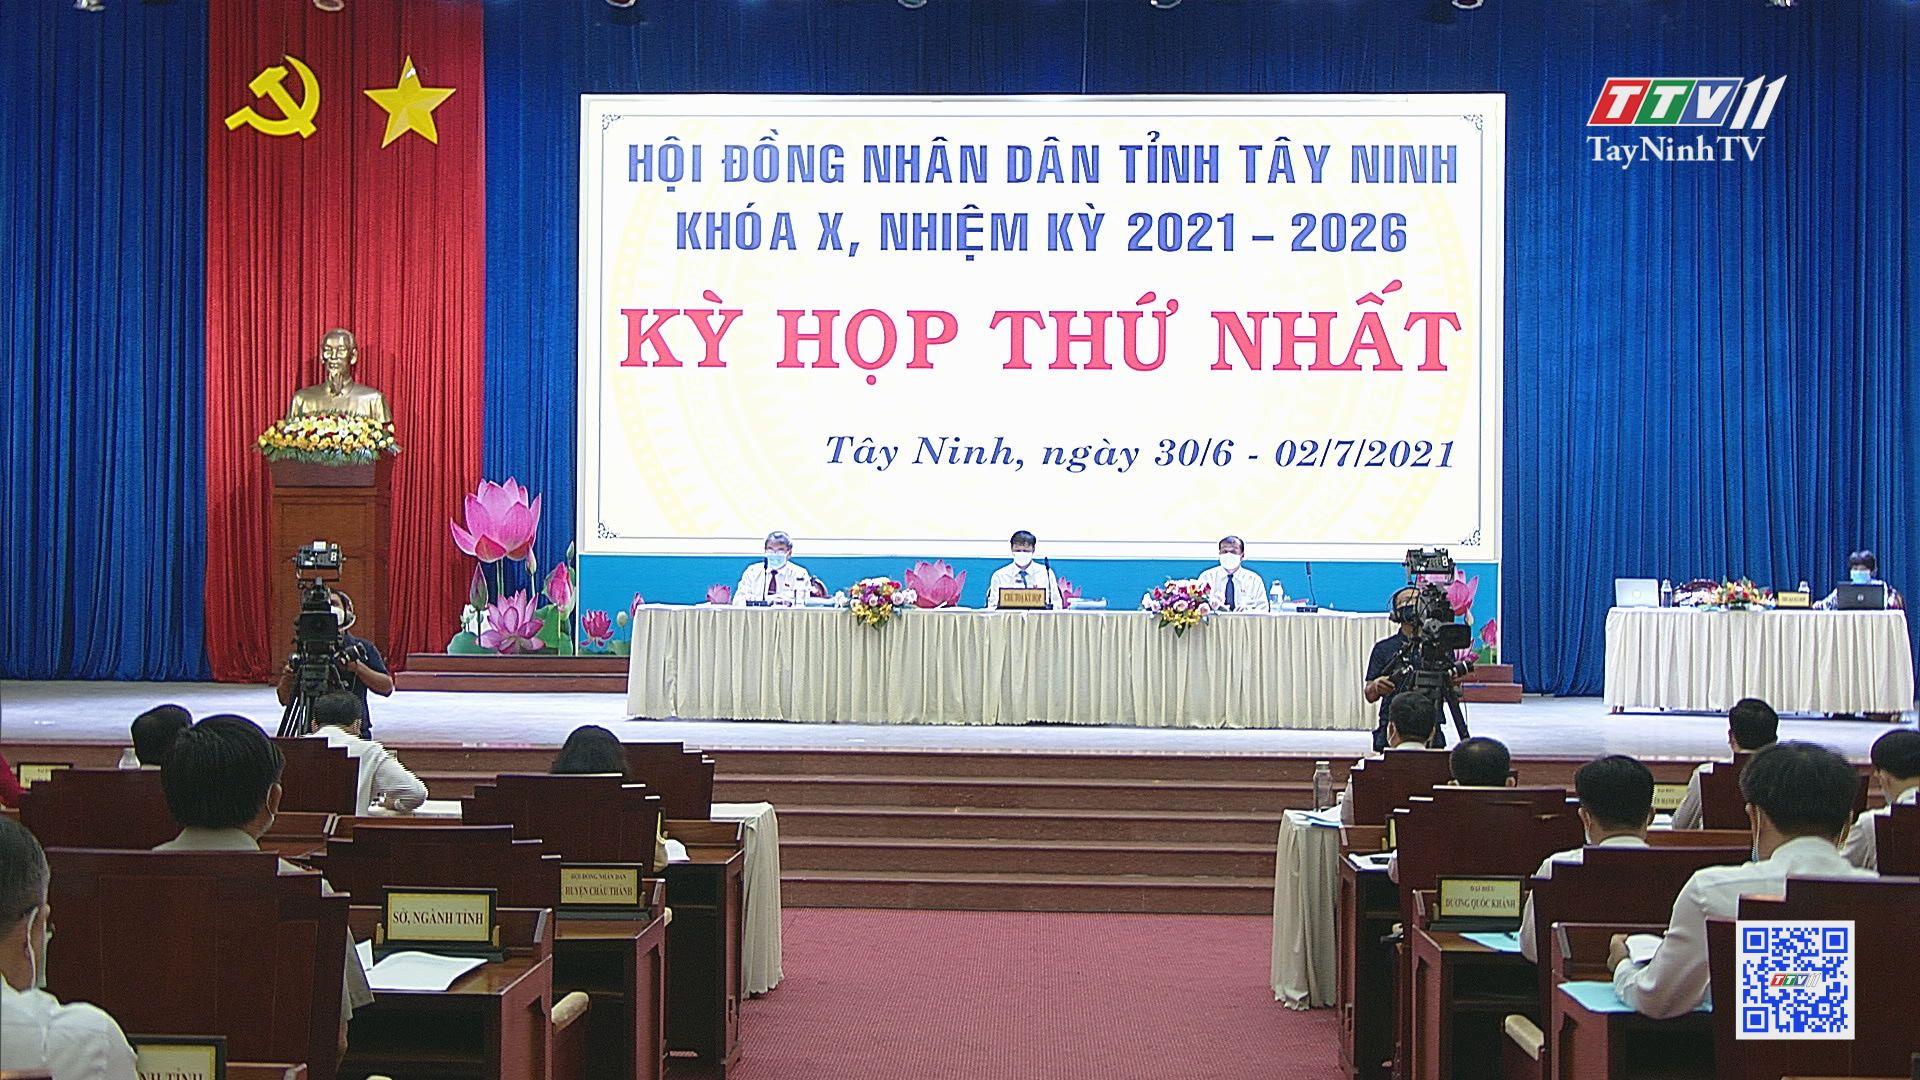 Những kết quả quan trọng kỳ họp thứ nhất HĐND tỉnh Tây Ninh khóa X, nhiệm kỳ 2021-2026 | TIẾNG NÓI CỬ TRI | TayNinhTV